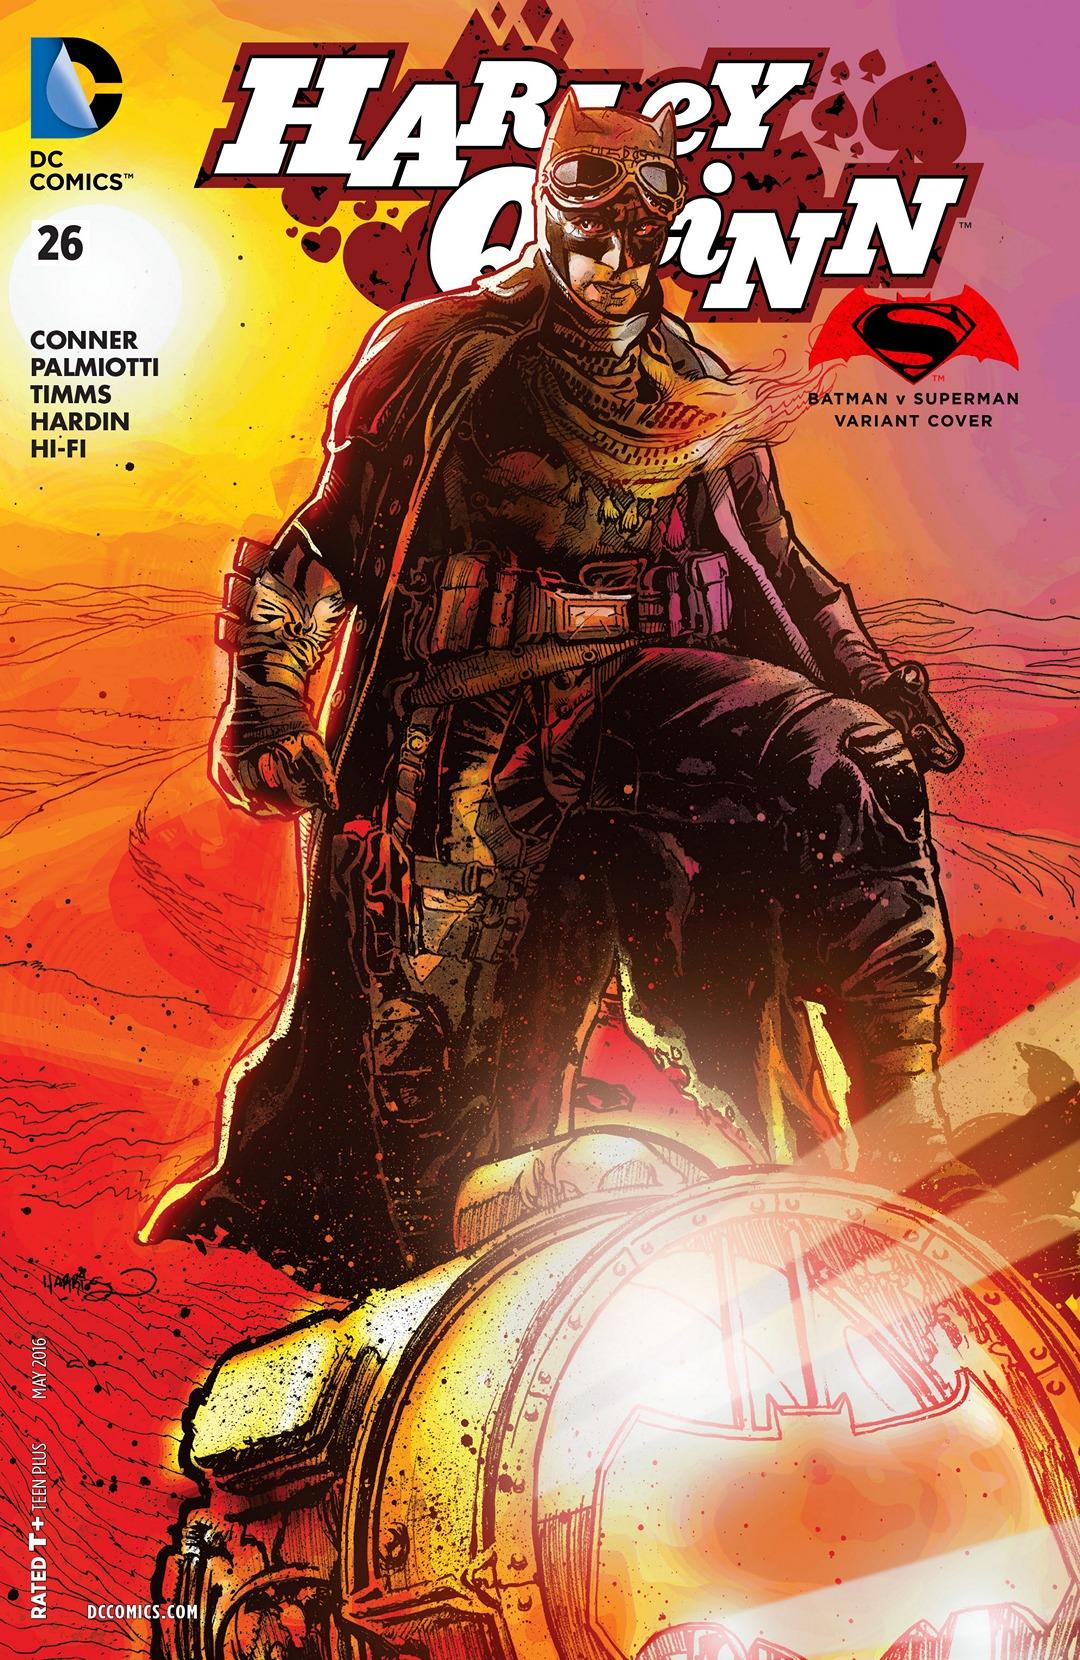 Harley Quinn Vol 2 26 Batman v Superman Variant.jpg